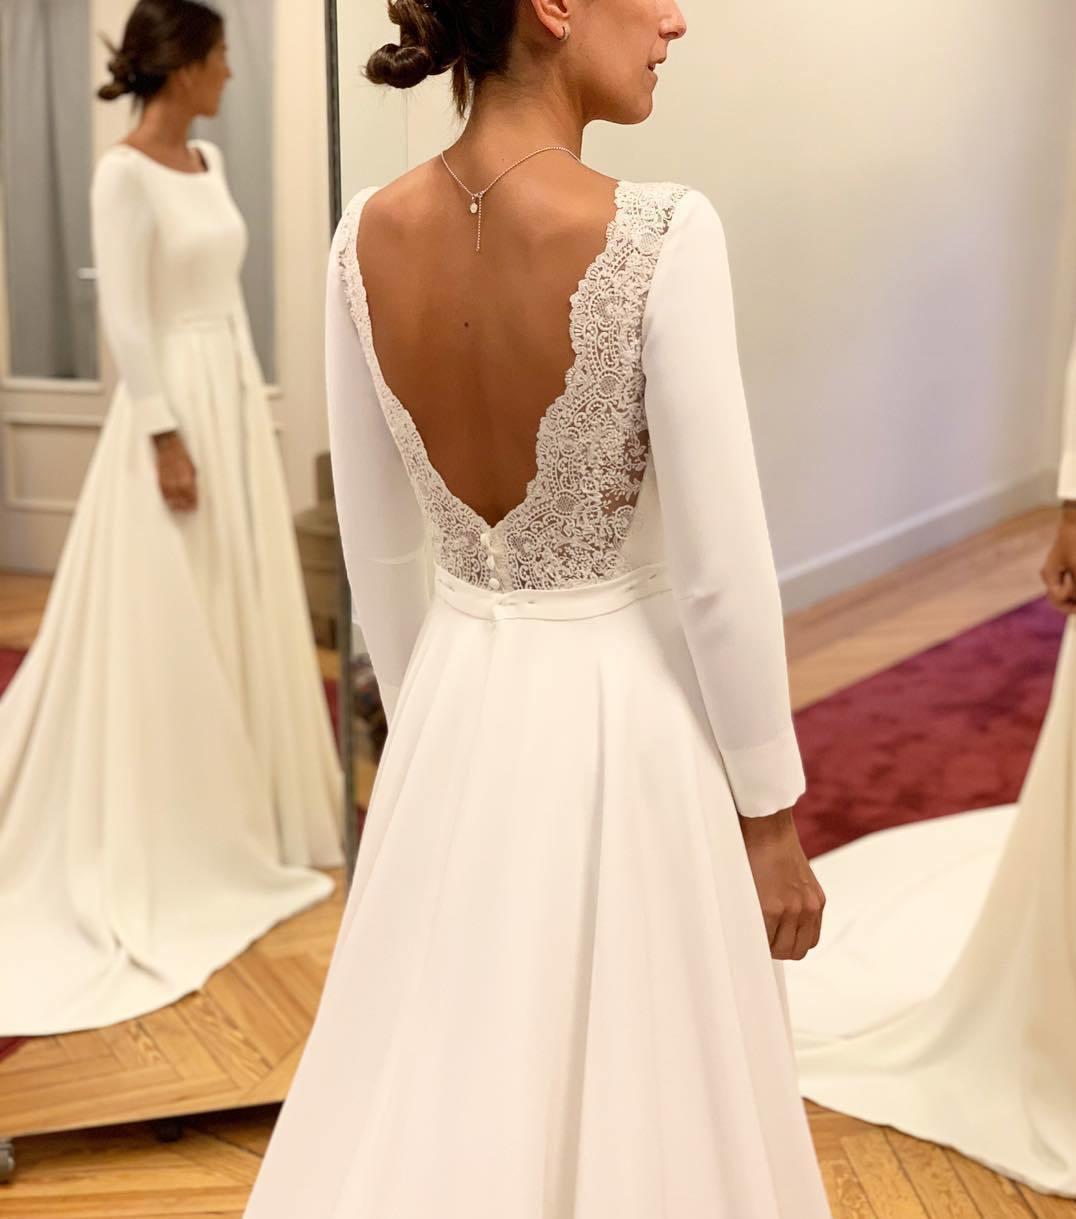 c1a975af8140 Ivory Lace Open Back Wedding Dress